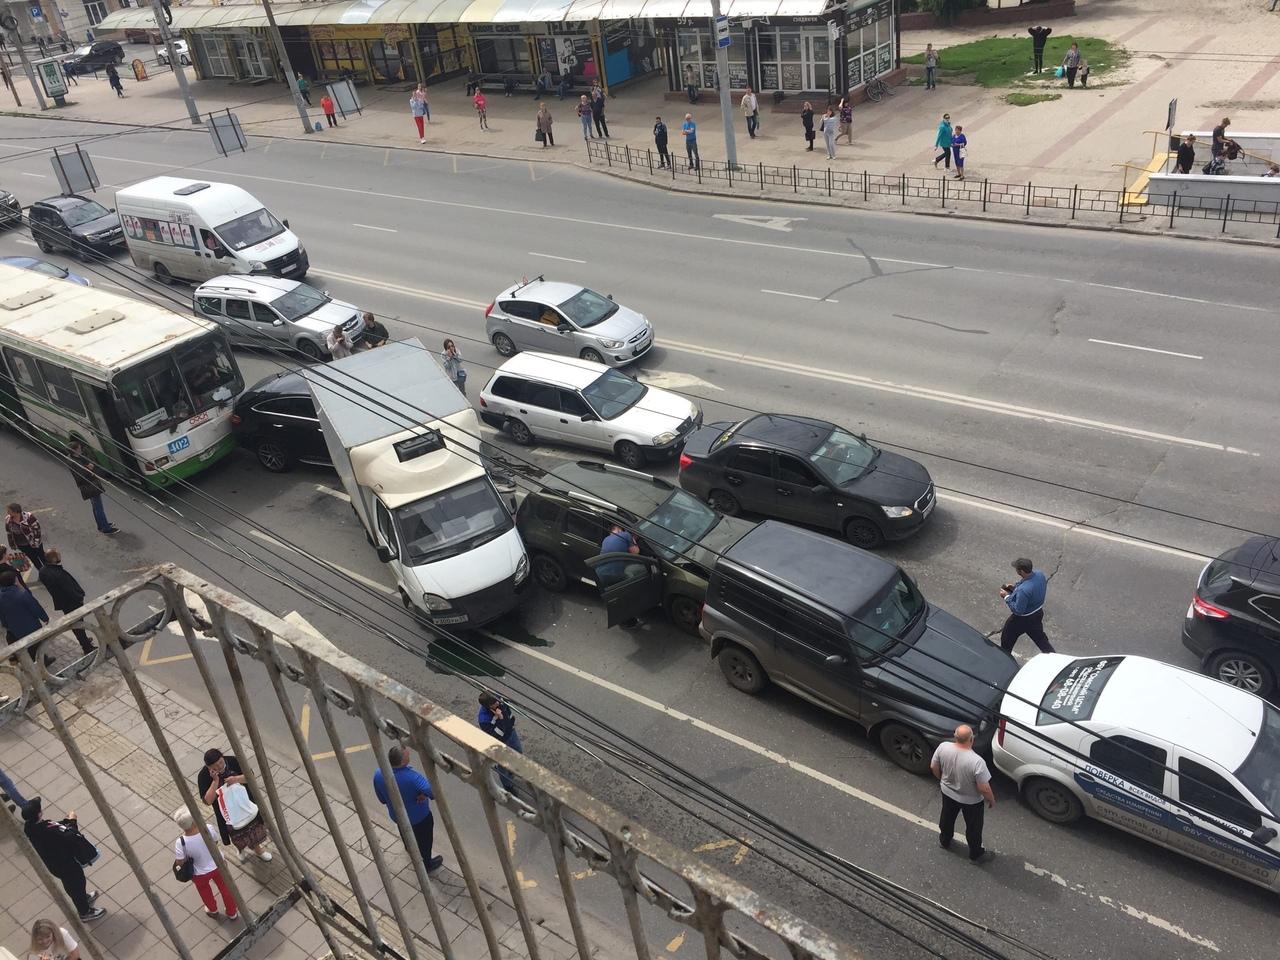 В центре Омска муниципальный автобус смял 6 машин в массовом ДТП #Омск #Общество #Сегодня